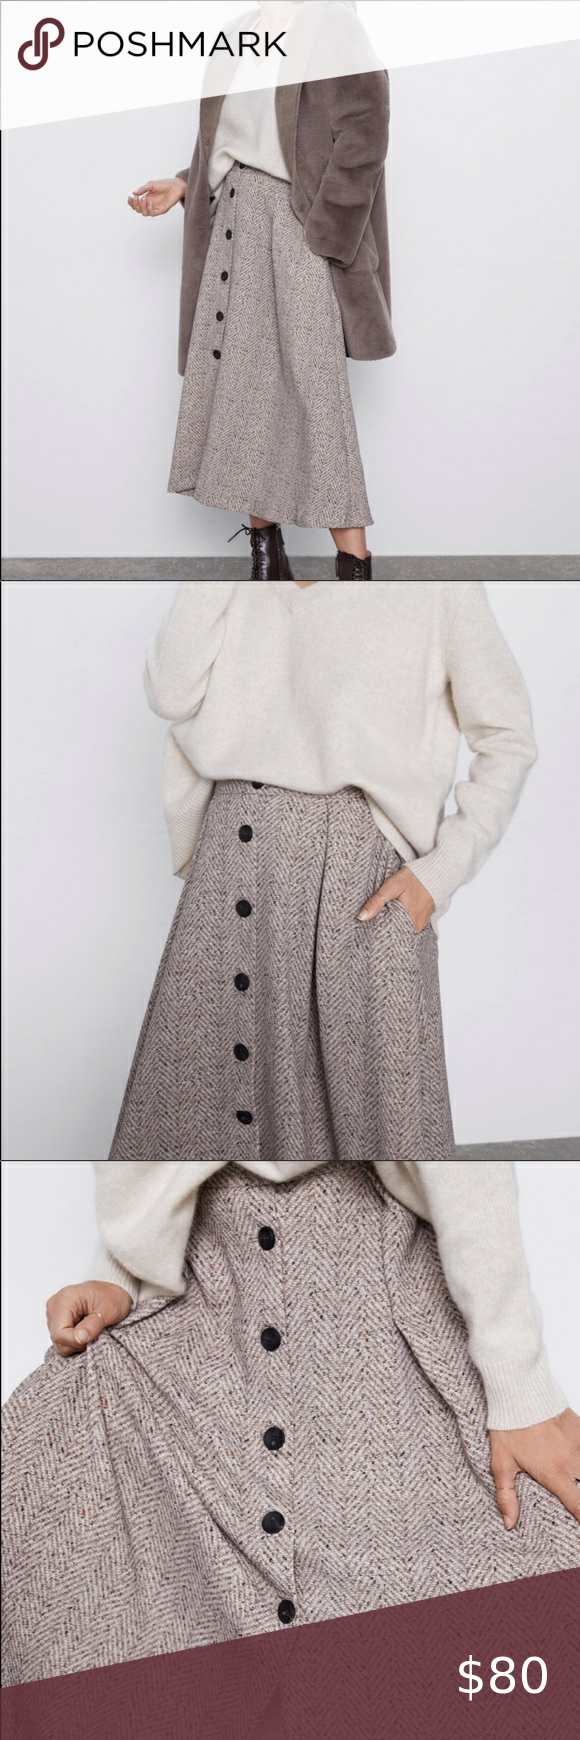 Photo of Zara herringbone skirt with buttons! New XS Zara herringbone skirt with buttons!…